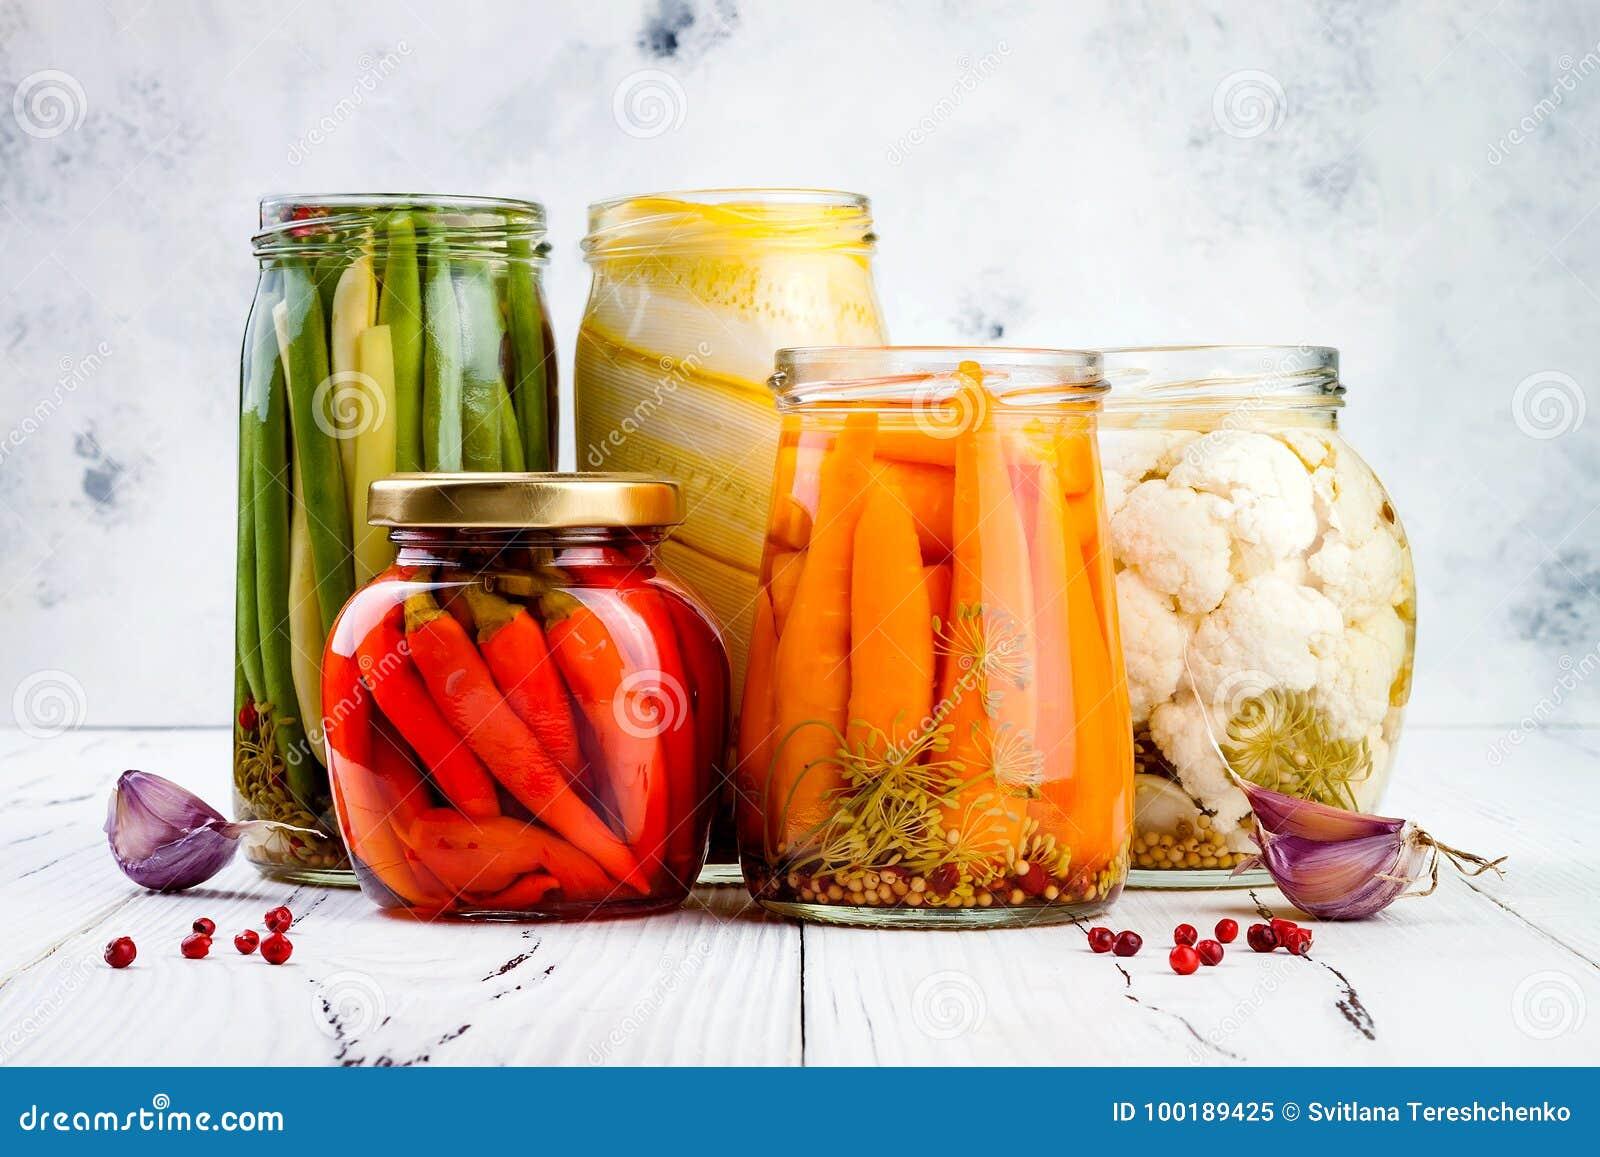 Μαριναρισμένη ποικιλία τουρσιών που συντηρεί τα βάζα Σπιτικά πράσινα φασόλια, κολοκύνθη, κουνουπίδι, καρότα, κόκκινα τουρσιά πιπε